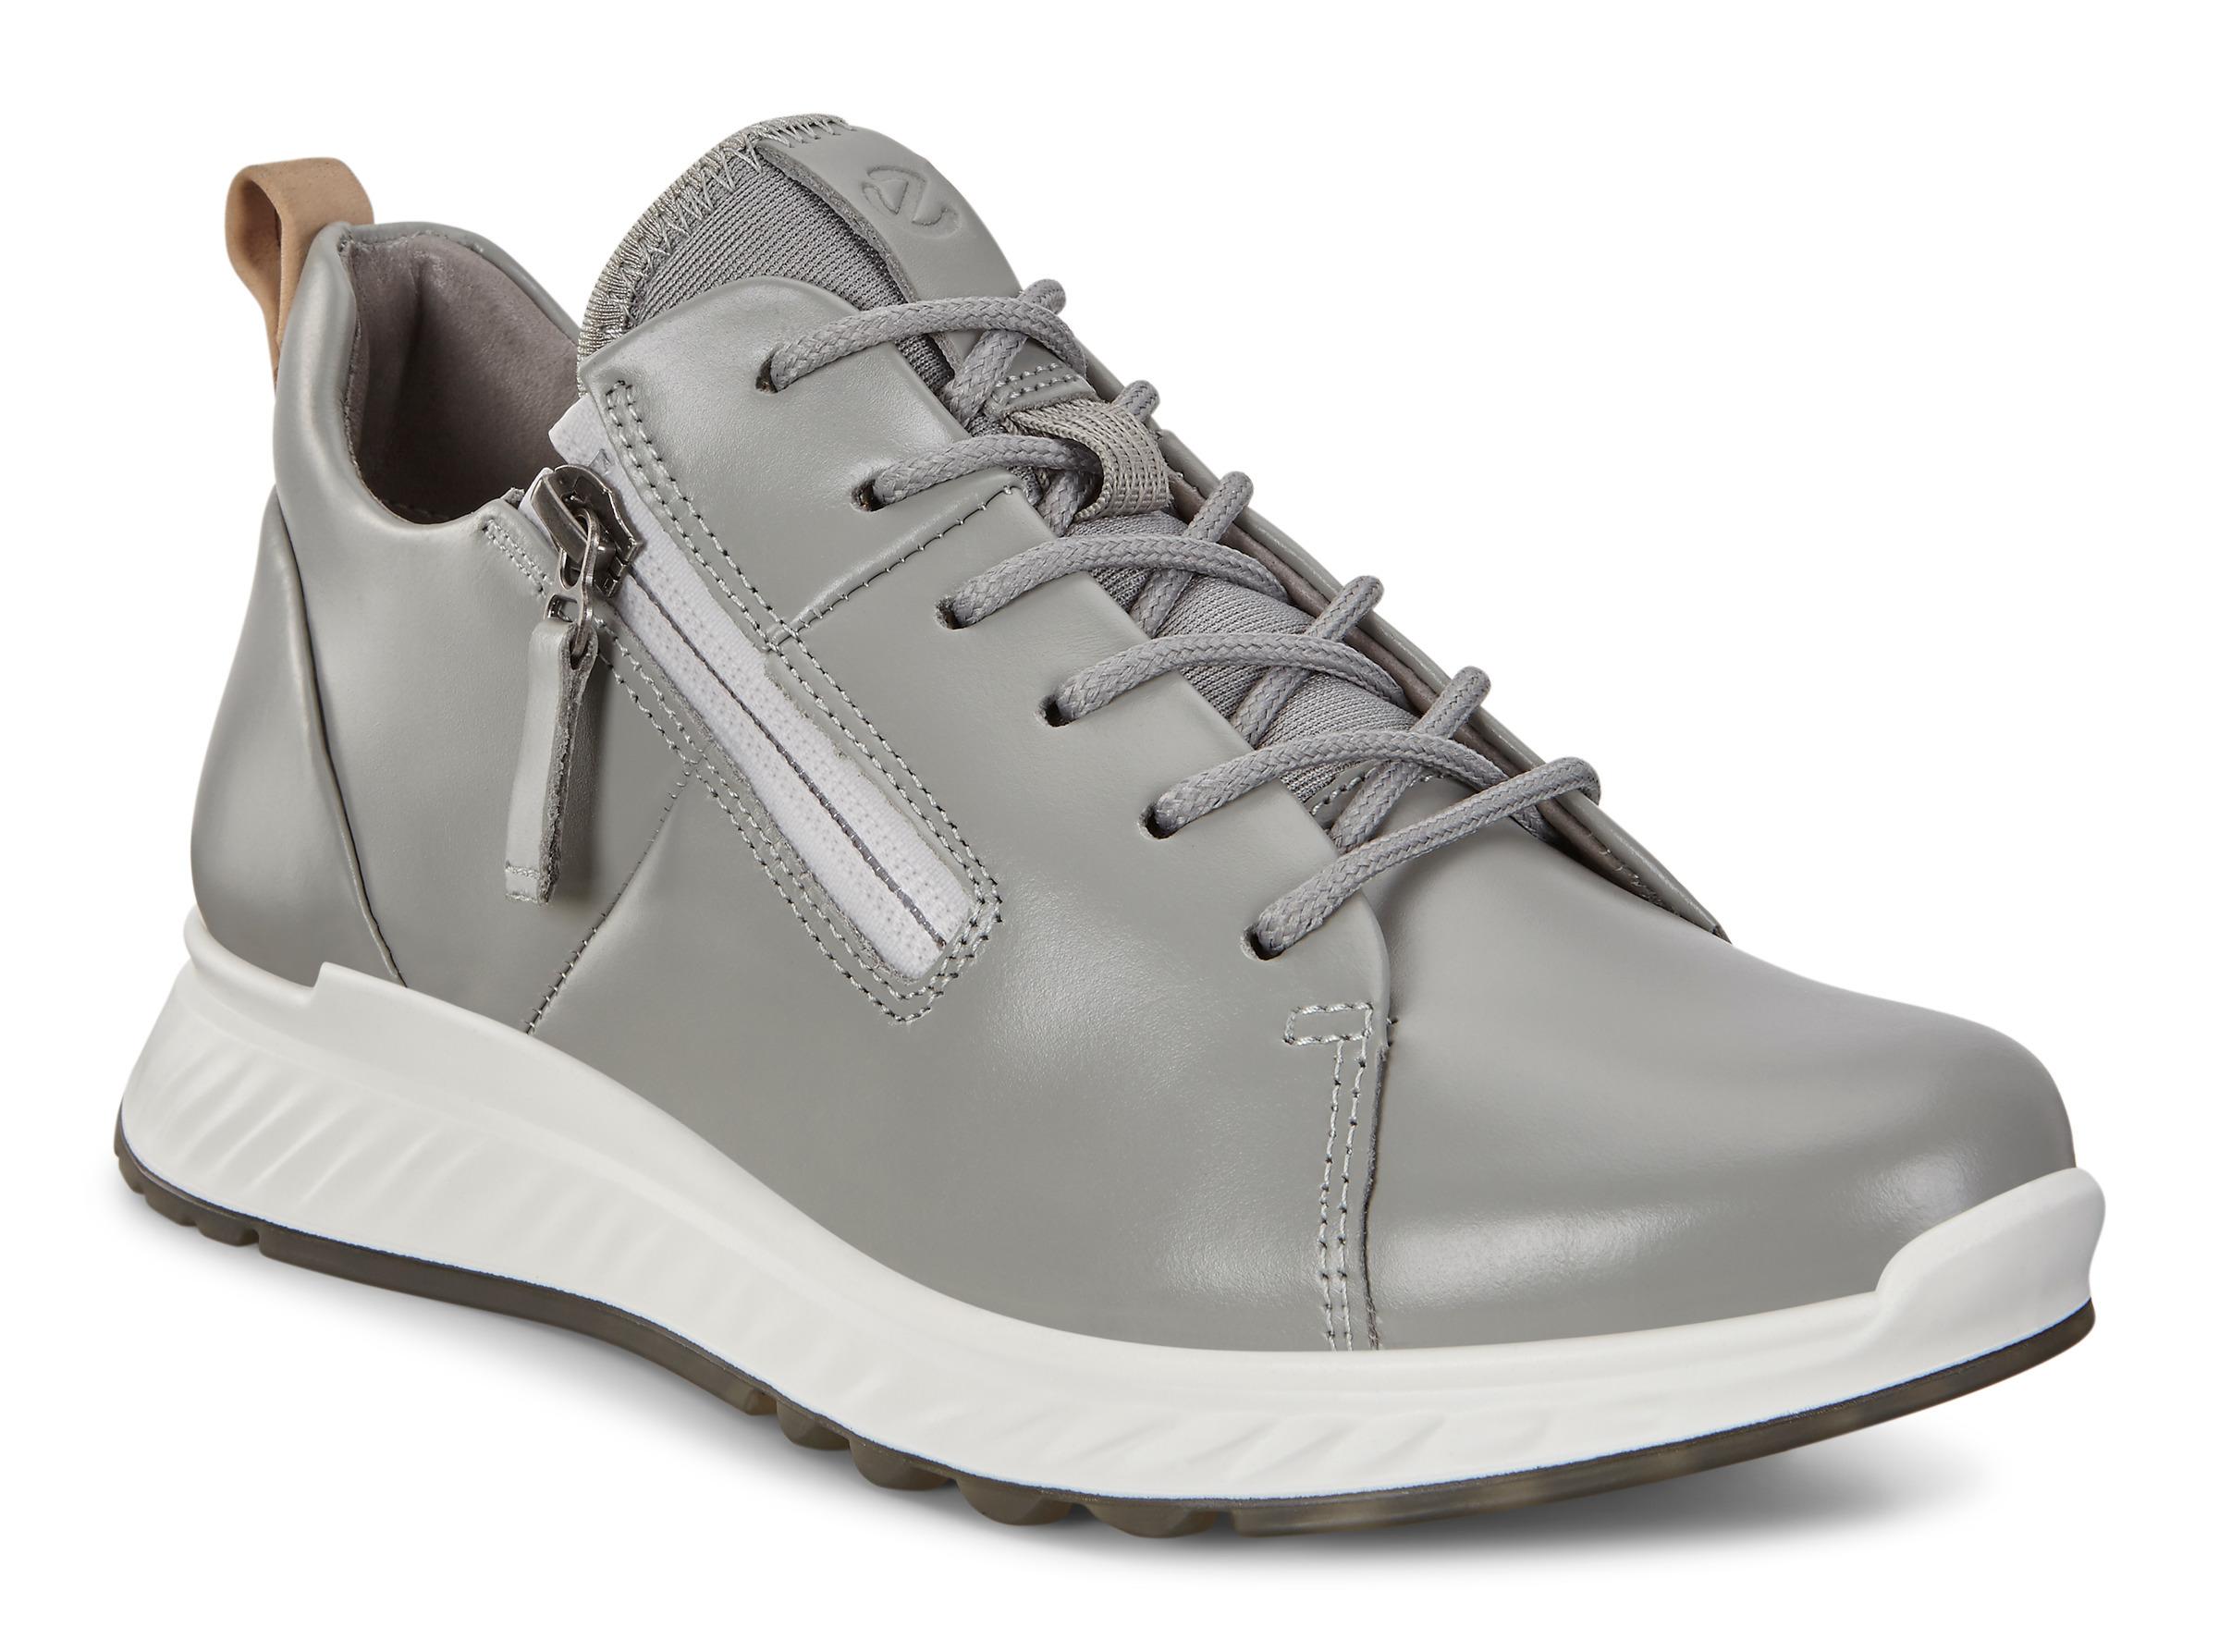 Sneaker für Damen | Im offiziellen ECCO® Shop einkaufen